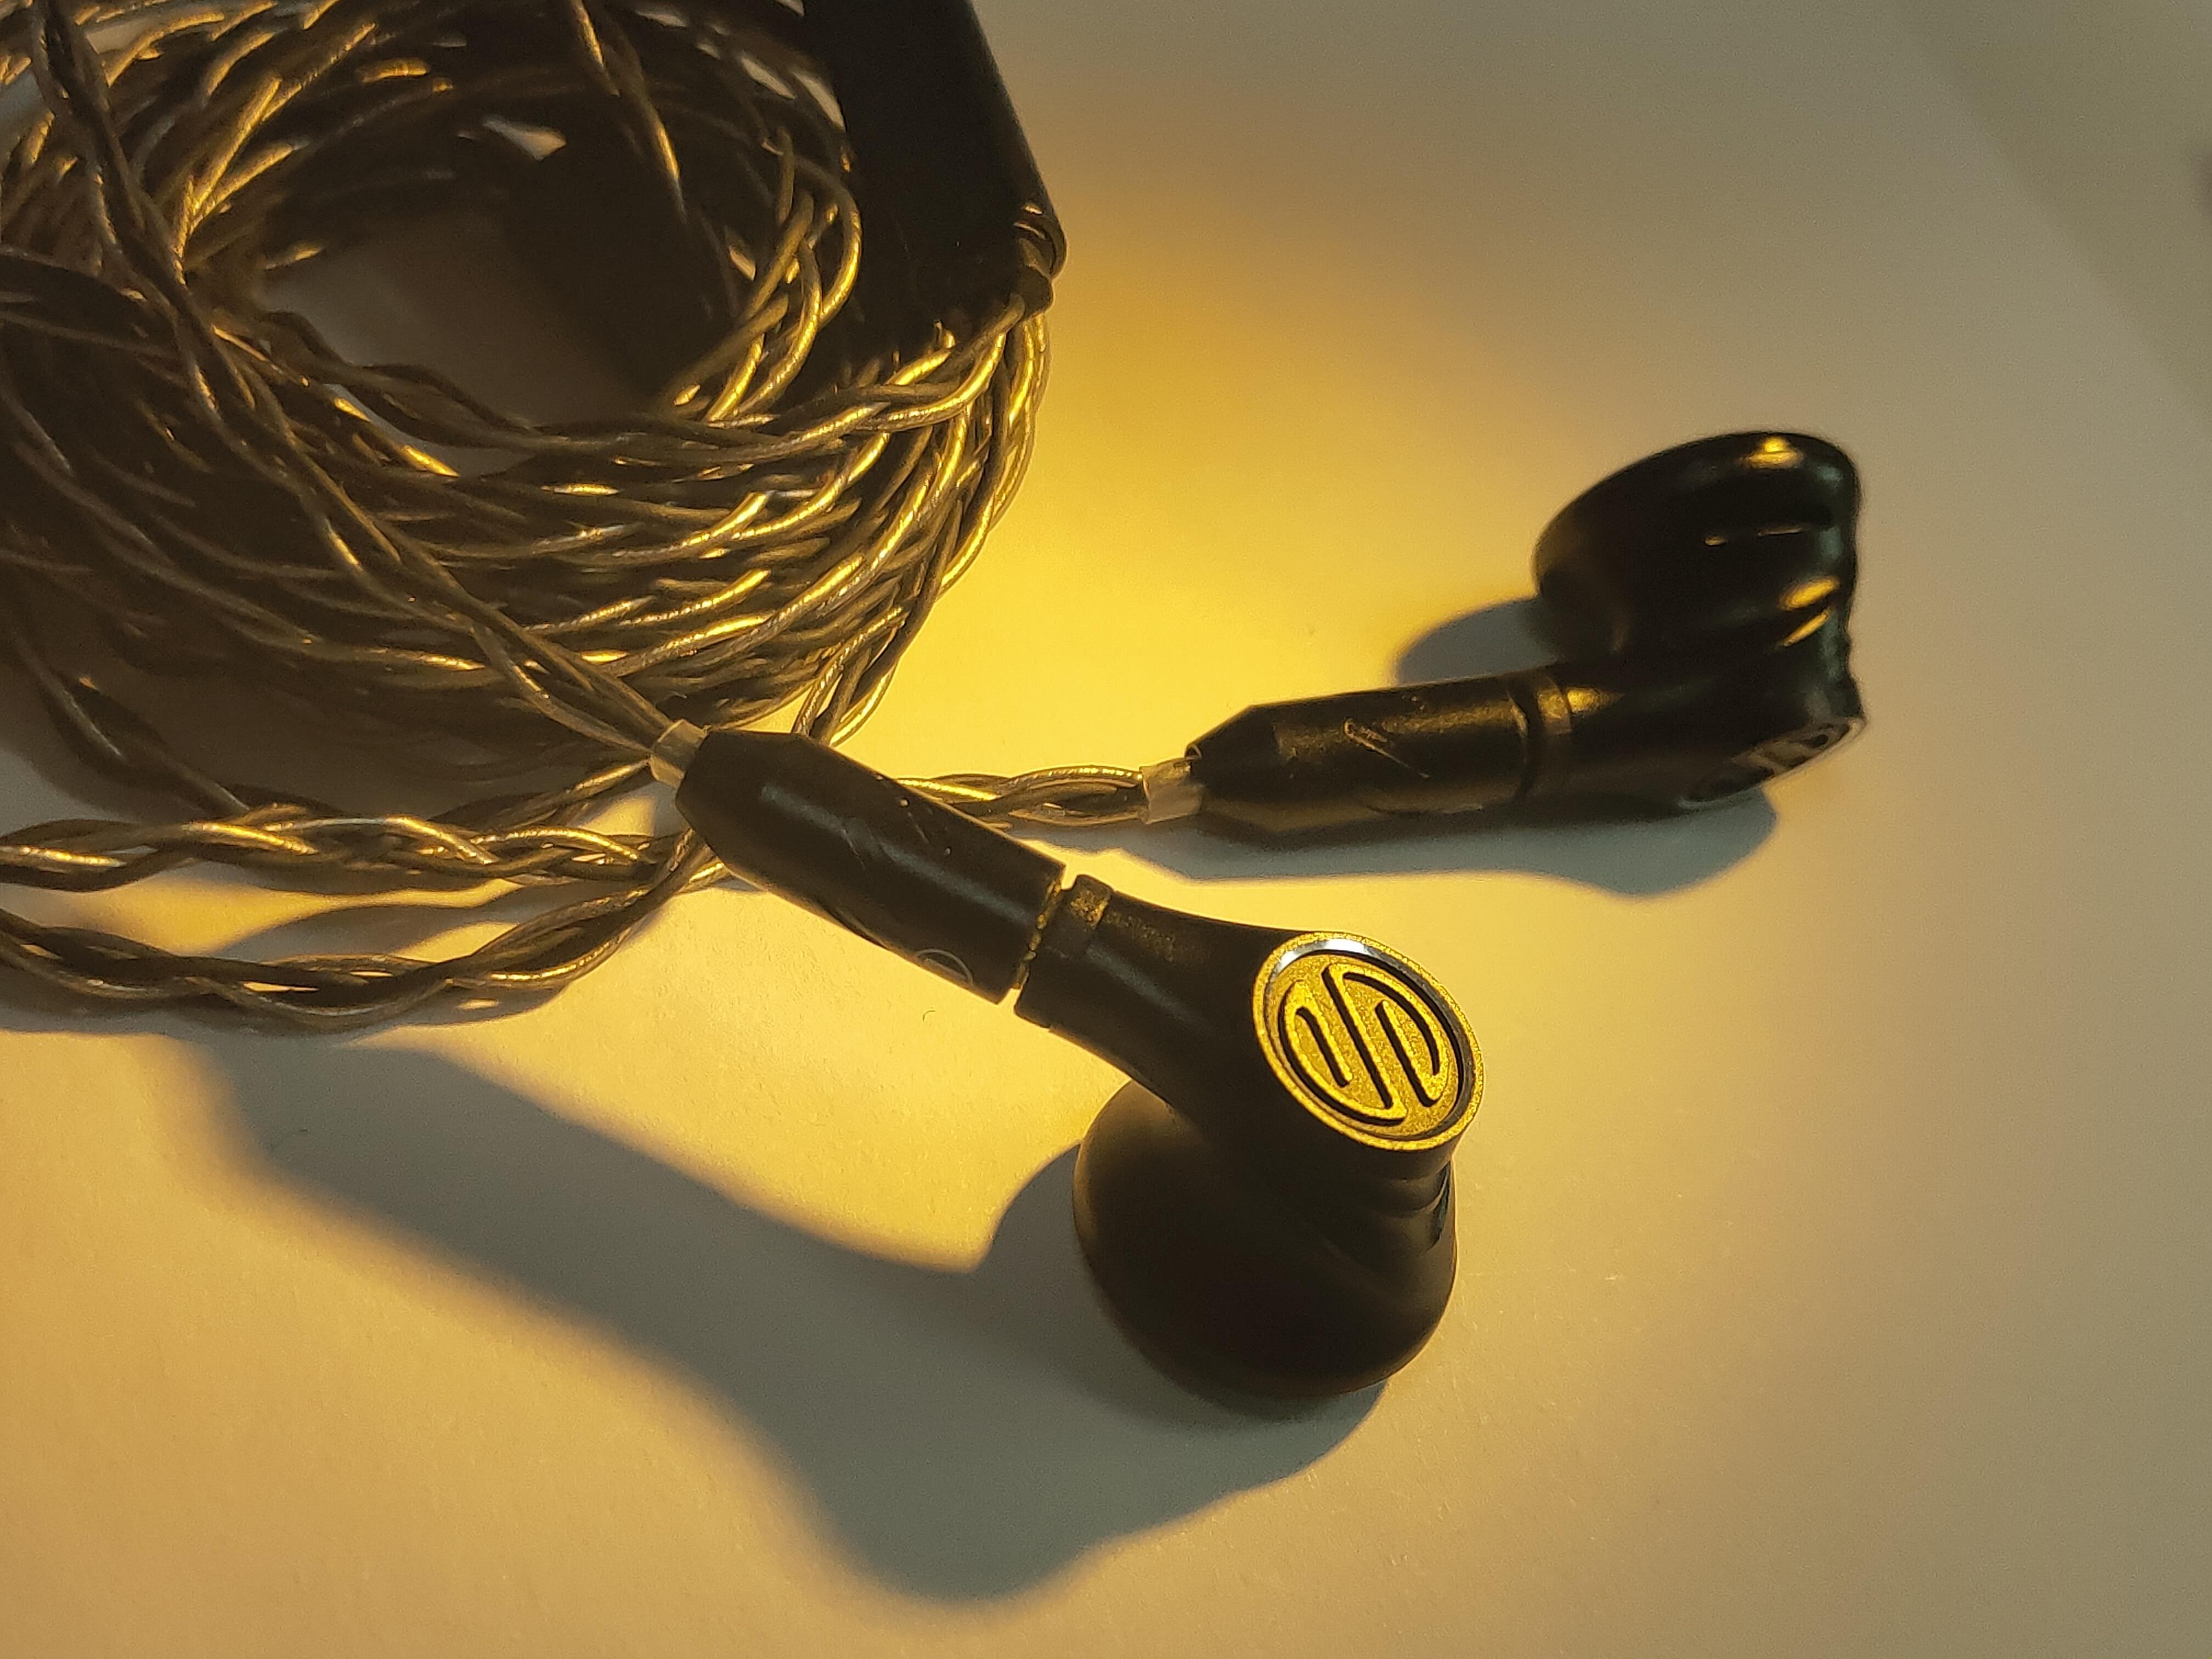 BGVP DX5 cabeza plana enchufe auricular Metal auriculares estéreo música Mmcx auriculares de alta calidad DIY auriculares enlarge